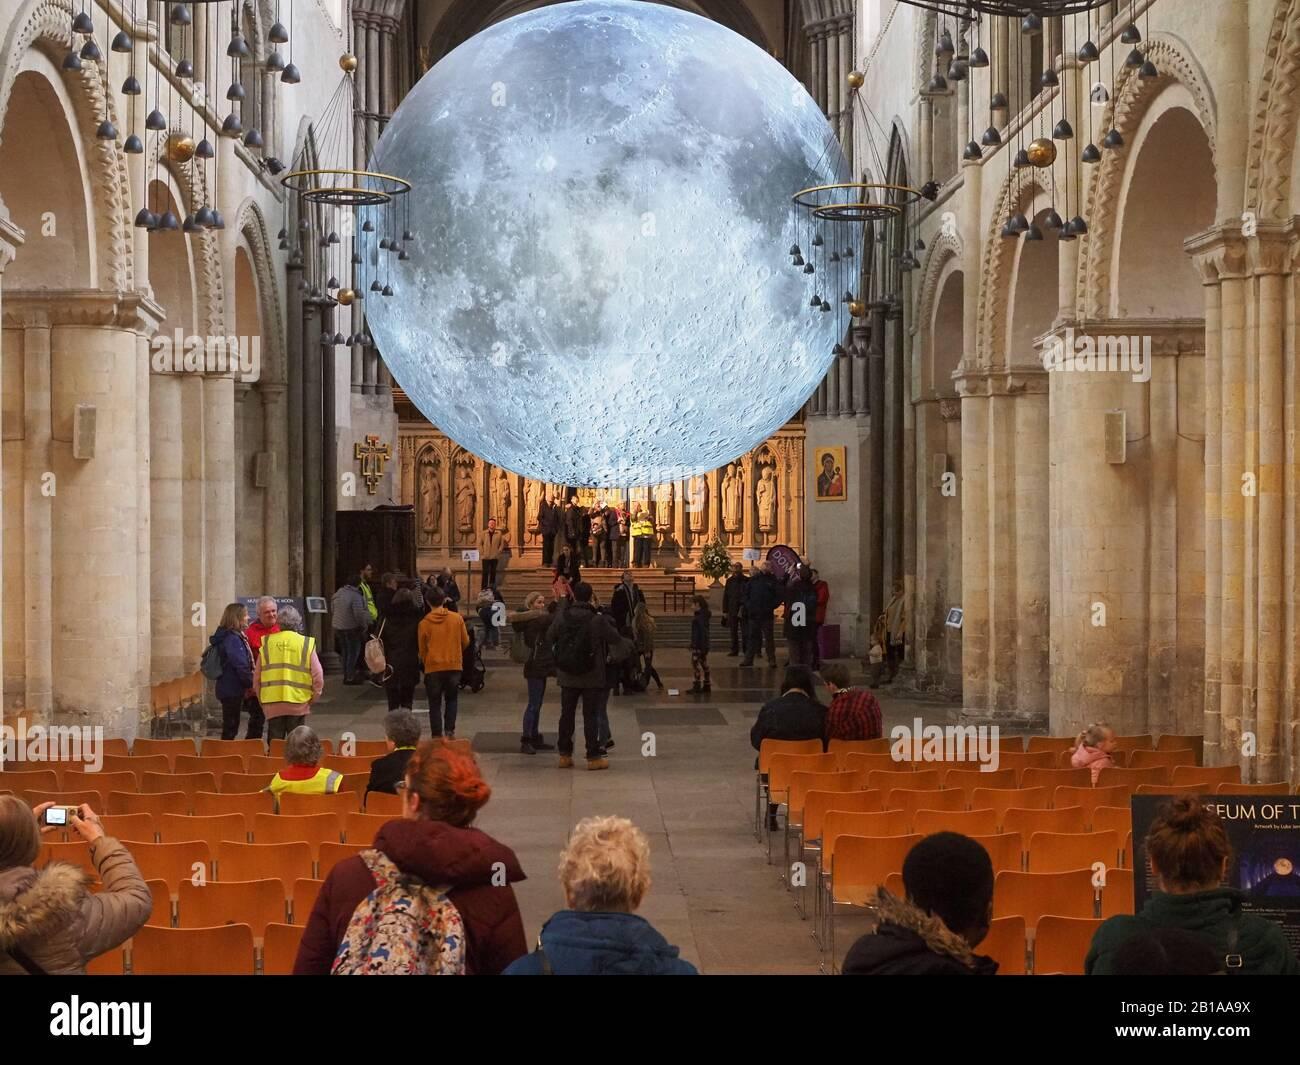 Rochester, Kent, Royaume-Uni. 24 février 2020. L'exposition « Musée de la Lune » de Luke Jerram a augmenté astronomique les visiteurs de la cathédrale de Rochester dans le Kent où elle est actuellement affichée jusqu'au 4 mars. Selon les chiffres rapportés par Kent Online aujourd'hui, dans les 12 premiers jours de l'ouverture de la cathédrale a vu 75 000 personnes visiter, contre 7 000 pour la même période en 2019; avec Knife Angel l'an dernier attirant plus de 44 000 et le terrain de golf fou controversé attirant plus de 29 000. Crédit: James Bell/Alay Live News Banque D'Images